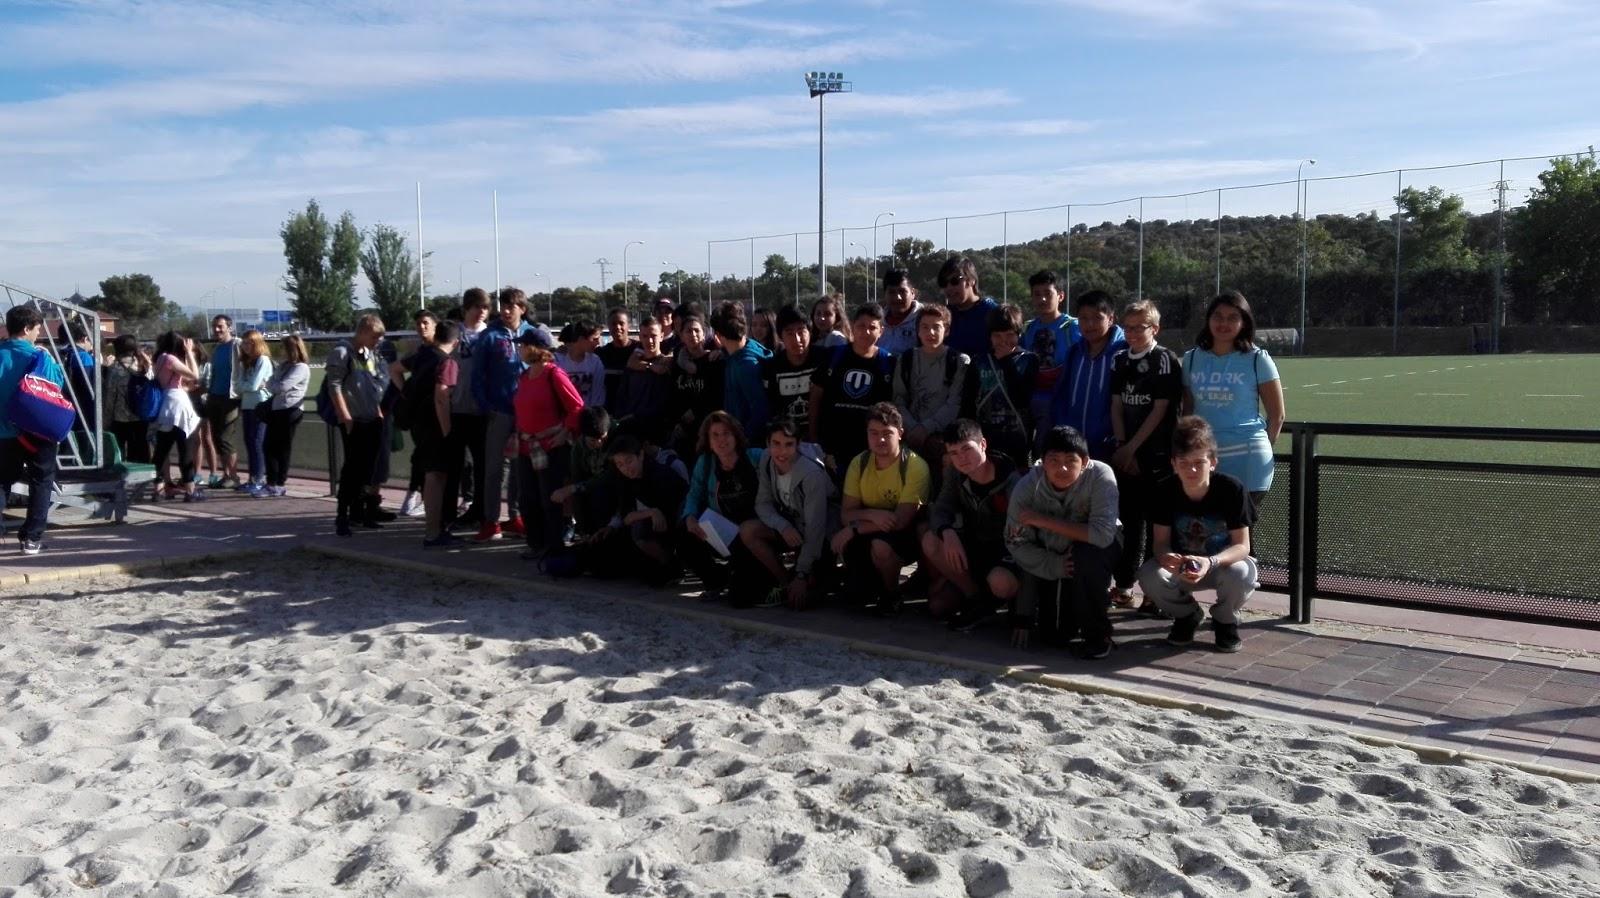 Educaci n f sica extraescolar mco polideportivo puerta for Puerta 7 campo de mayo